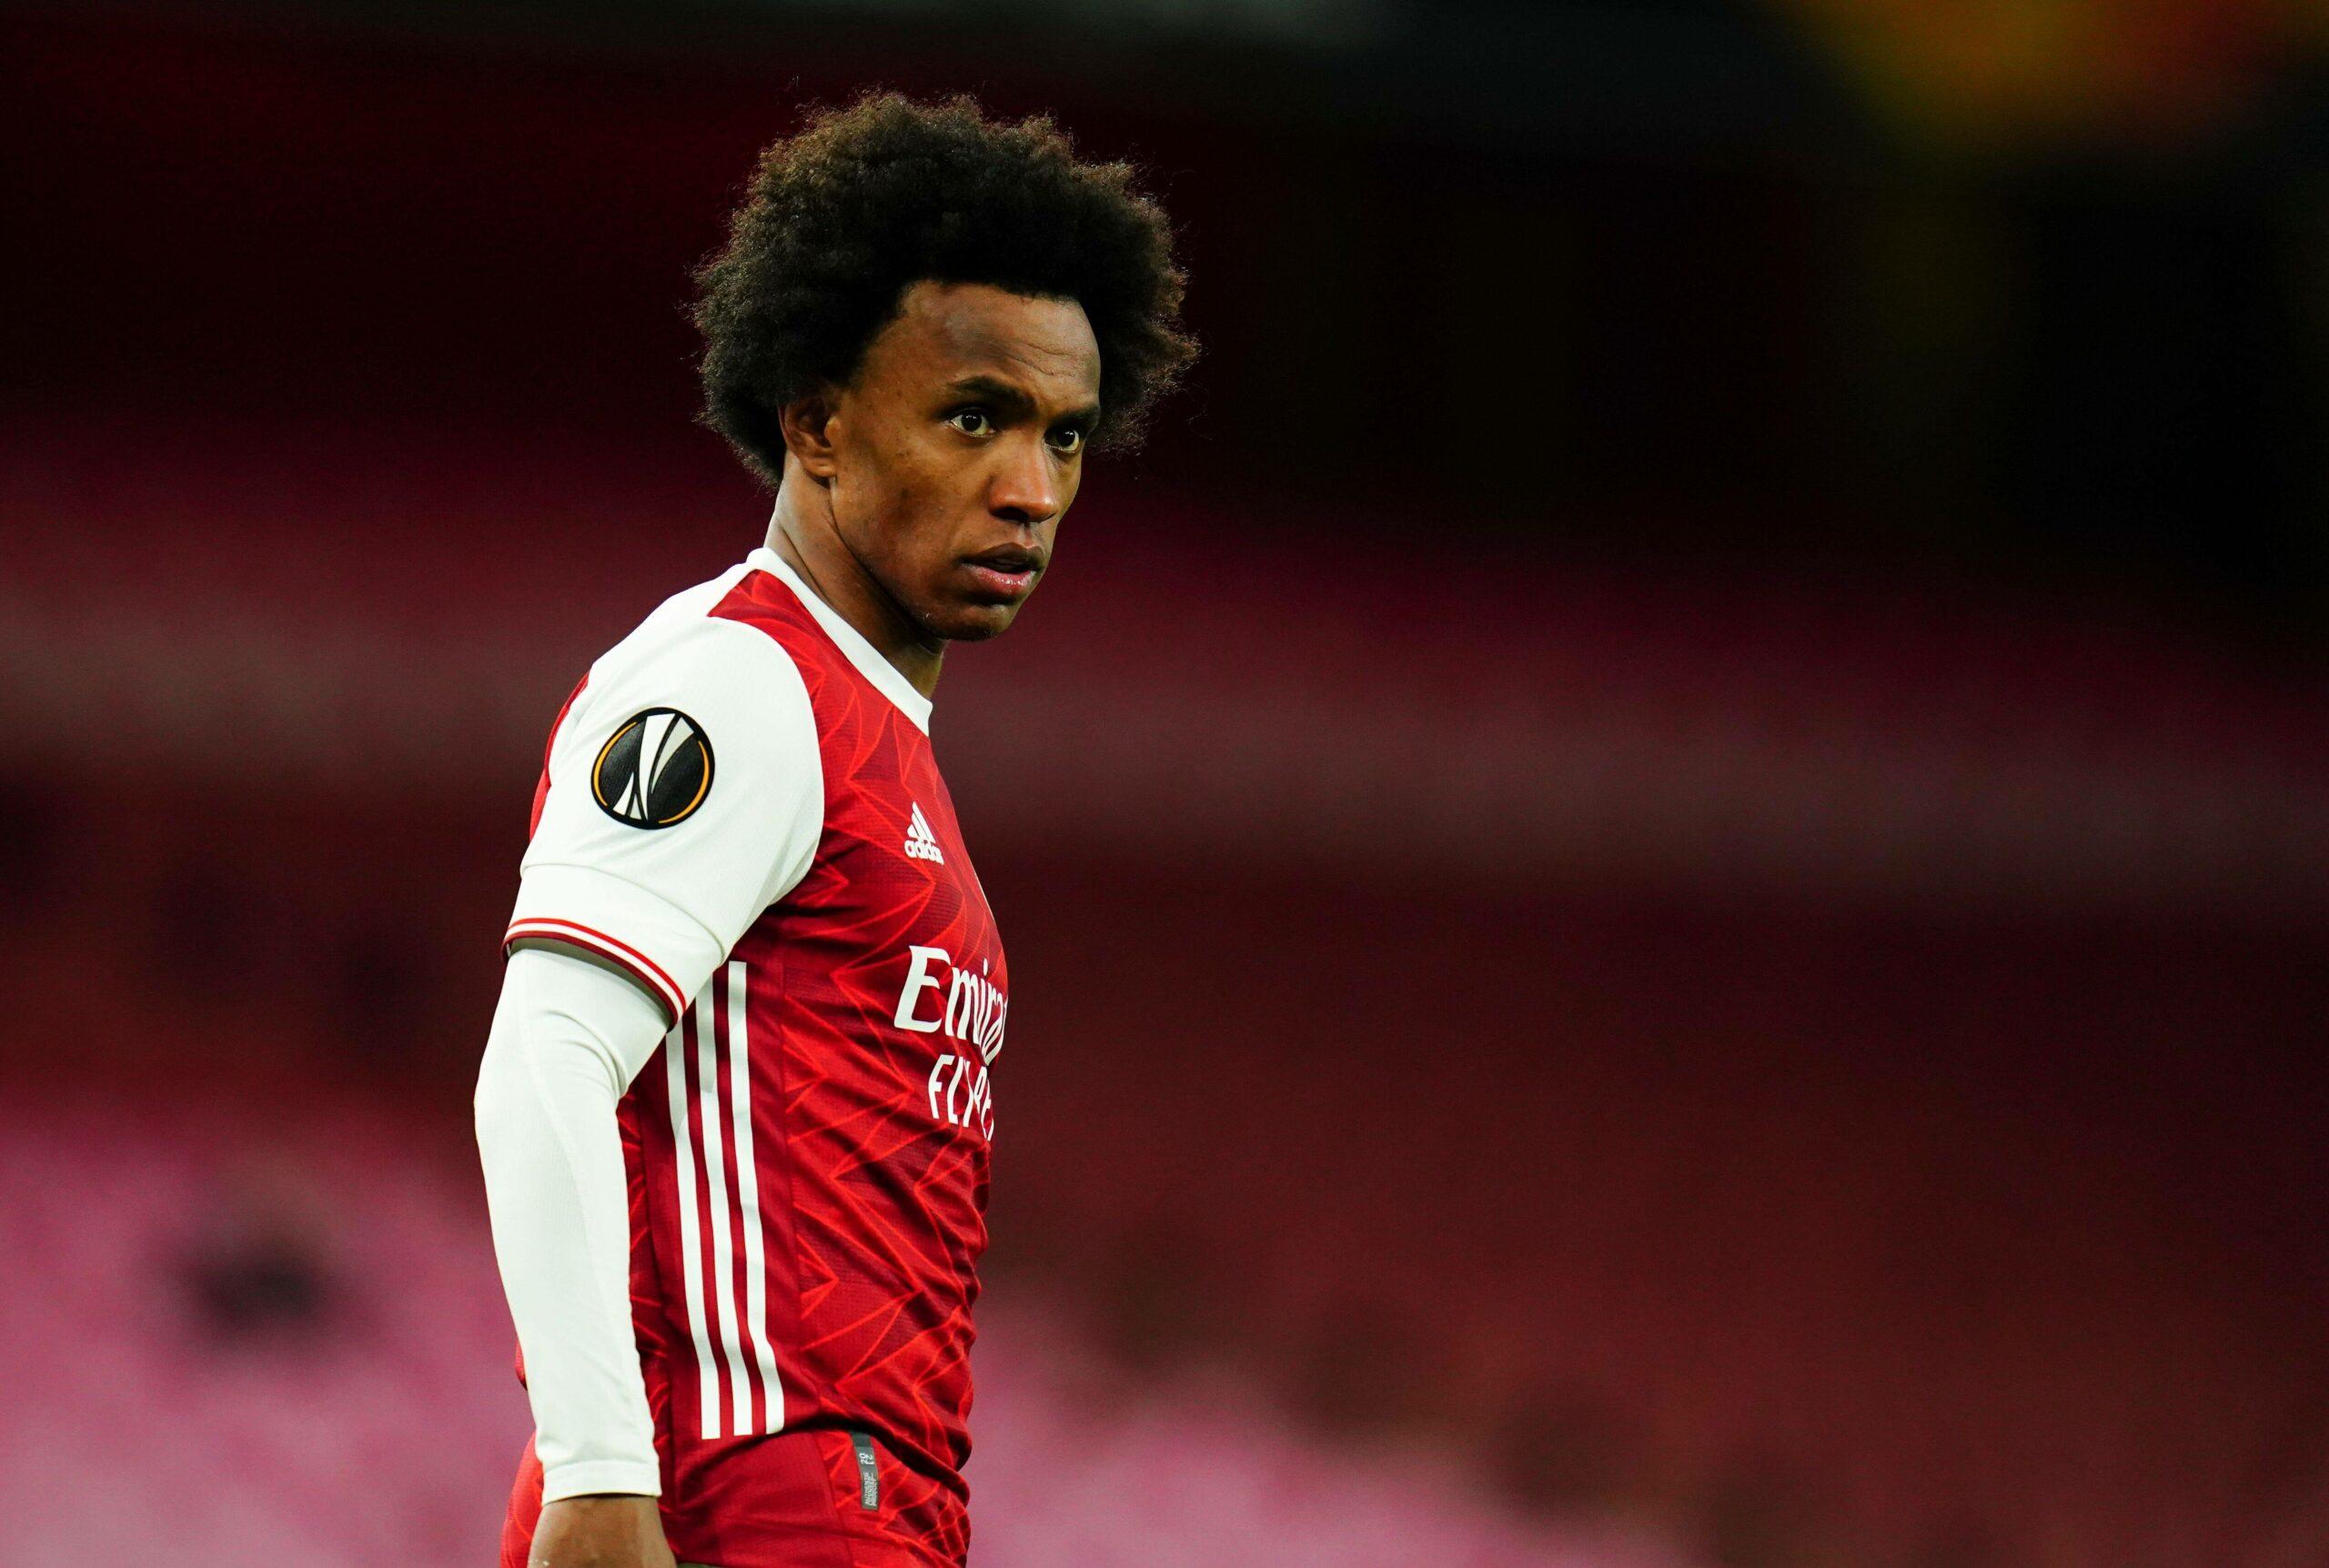 Willian wechselte erst im Sommer 2020 von Chelsea zu Arsenal